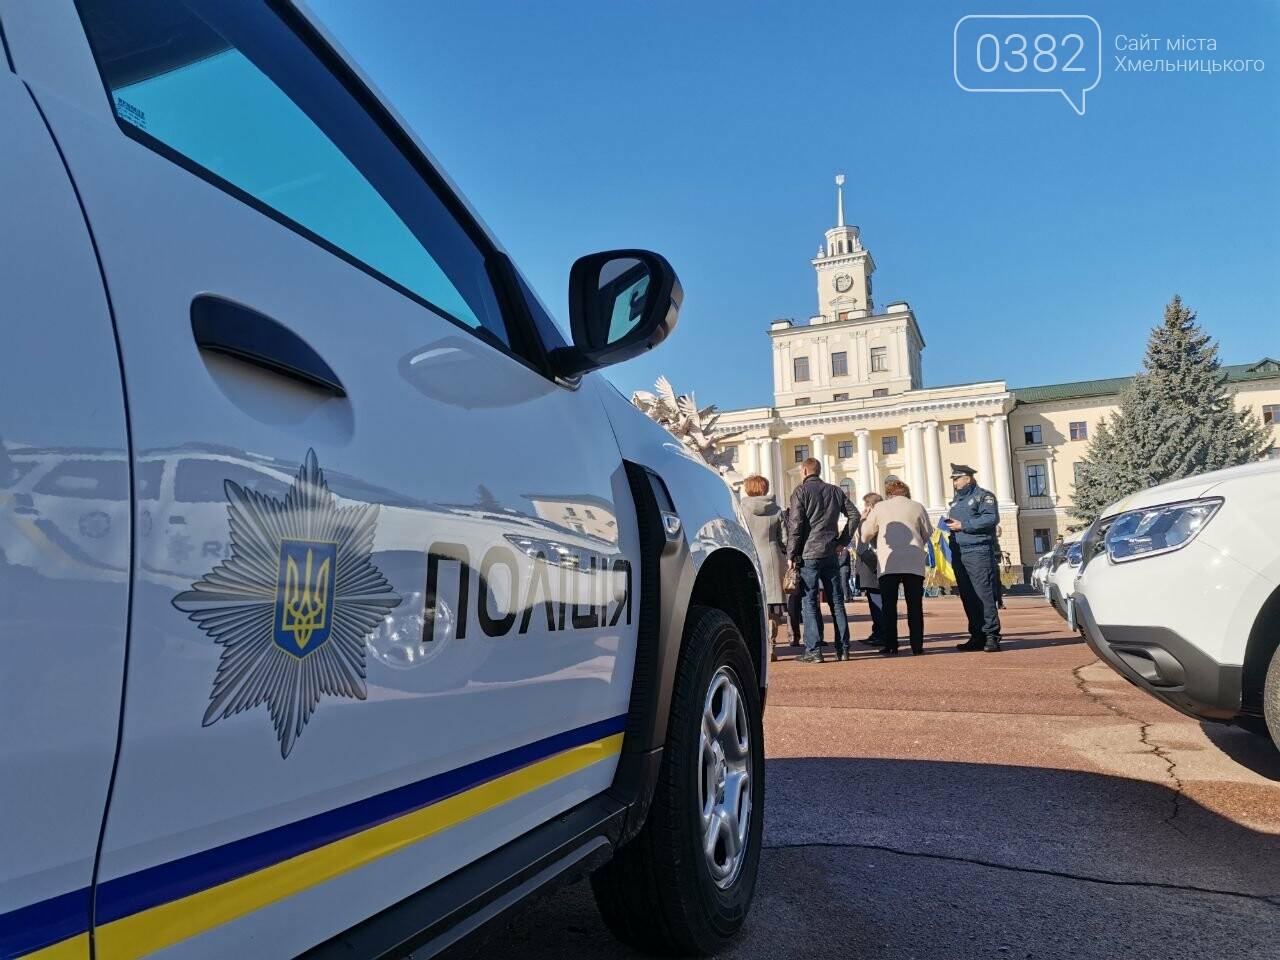 Хмельниччині вручили 43 поліцейських авто Renault Duster, фото-4